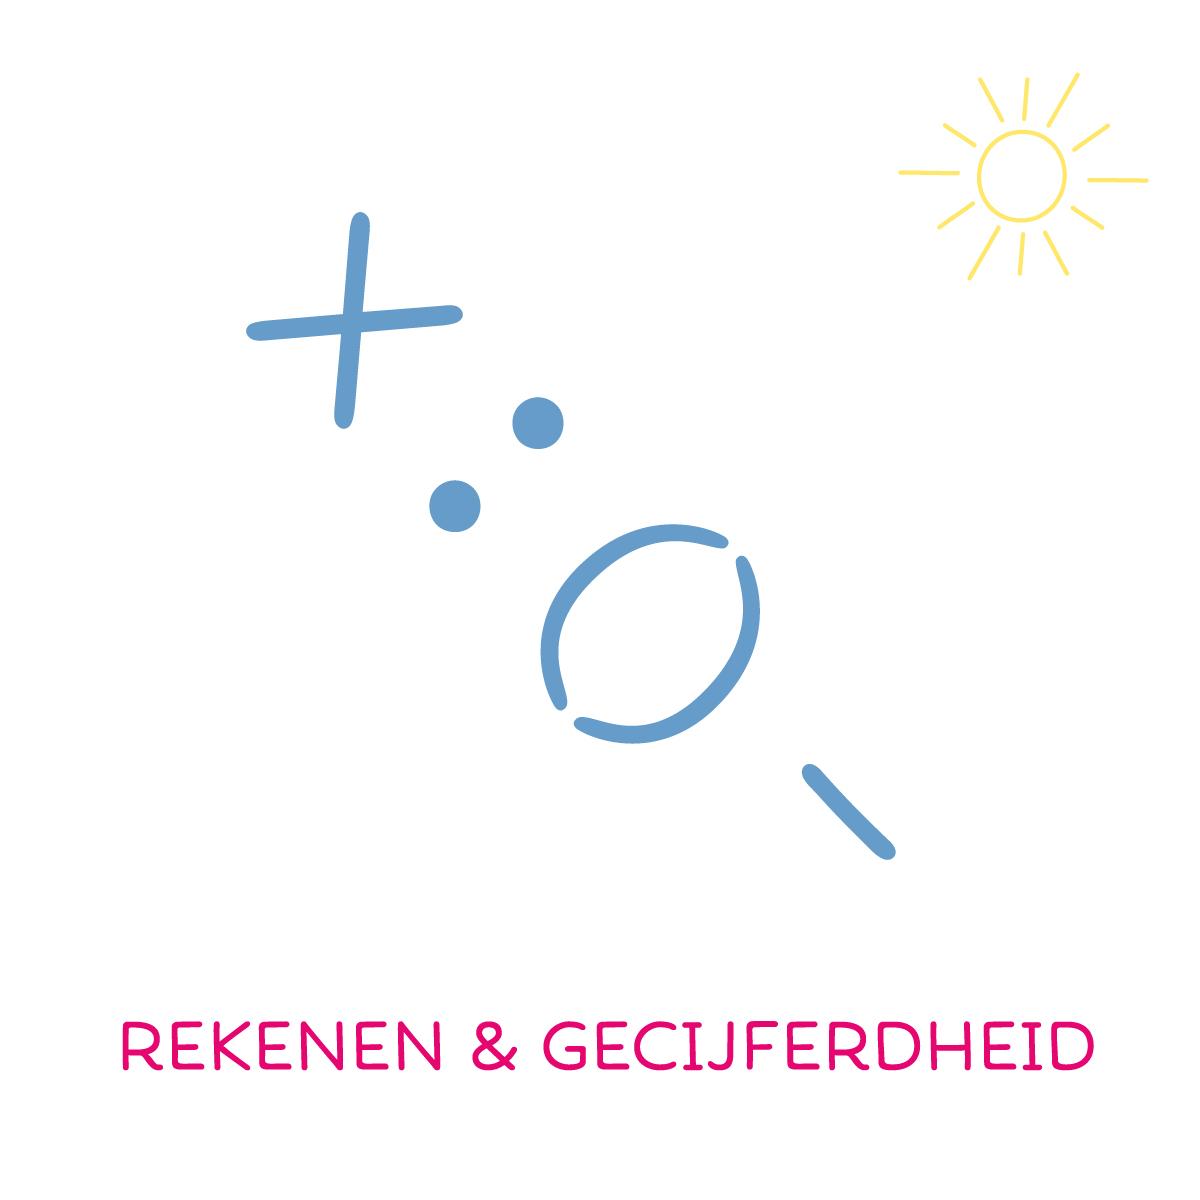 rekenen en gecijferdheid, Remedial Teaching, Remedial Teacher, Driebergen, Rijsenburg, Utrecht, Moeite met rekenen